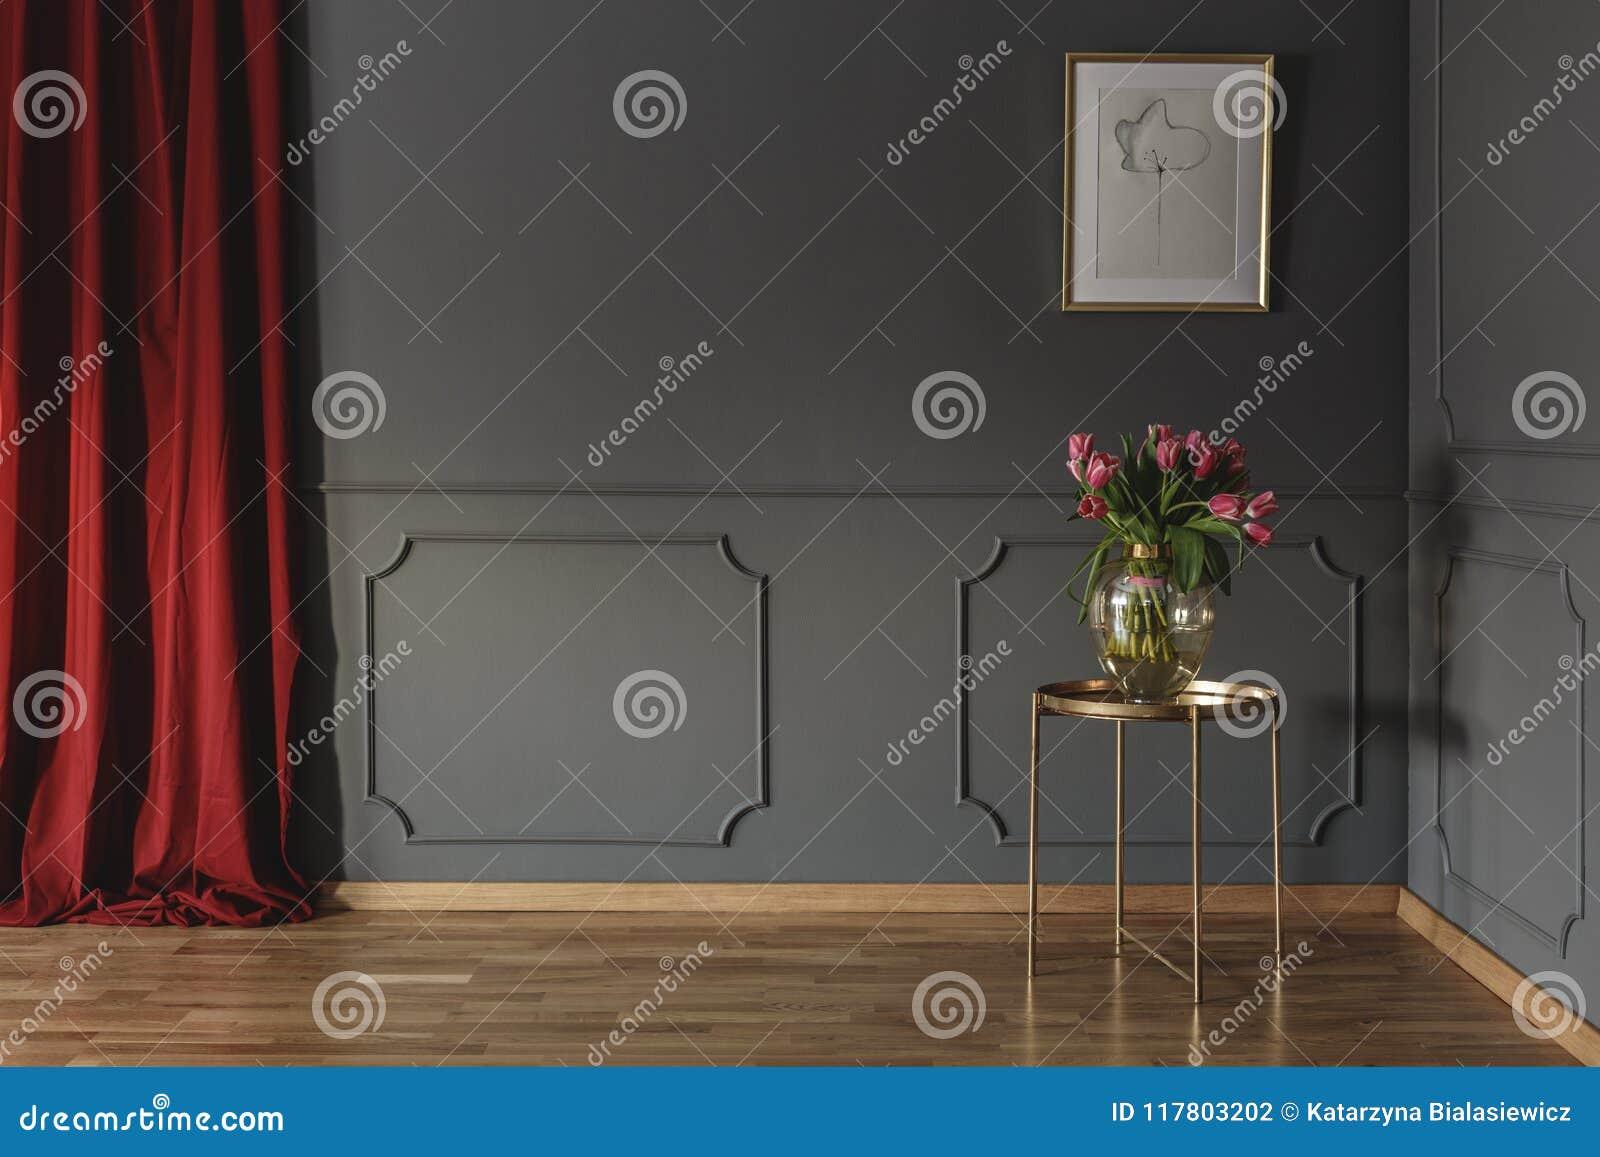 Rosa tulpan på en guld- tabell i hörnet av ett lyxigt inter-